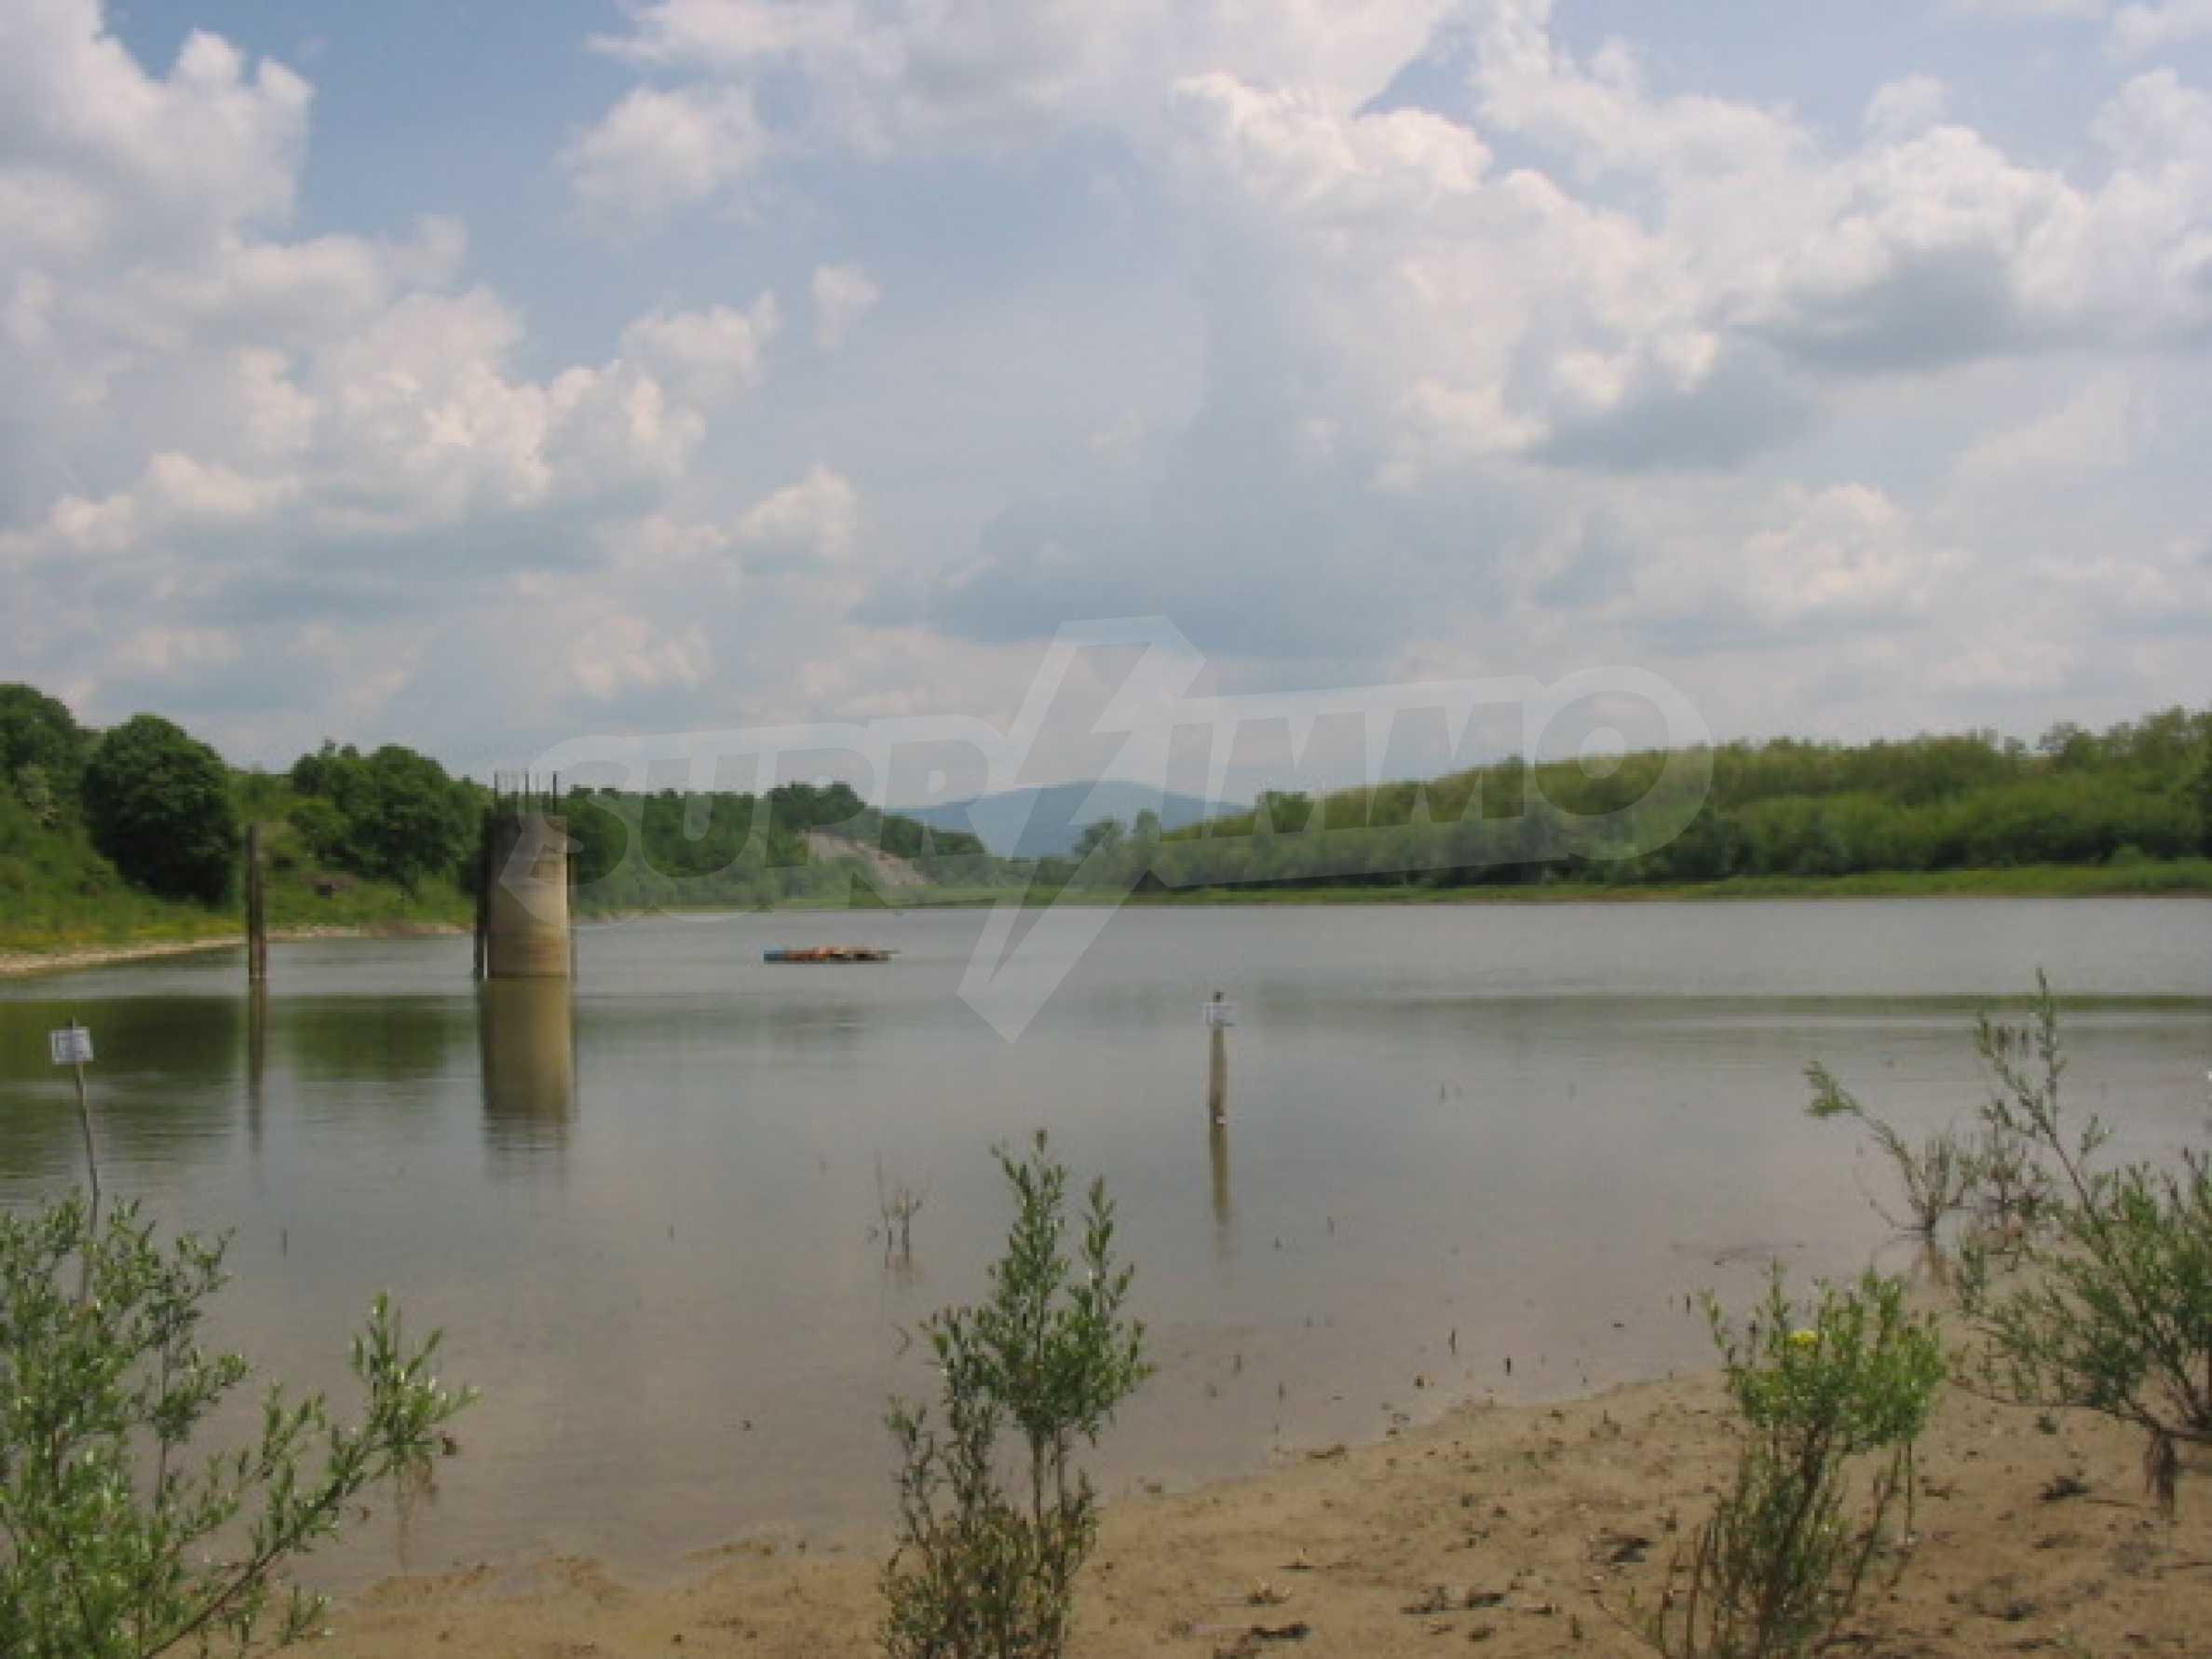 Damm mit angrenzendem Land 7 km von Veliko Tarnovo entfernt 13